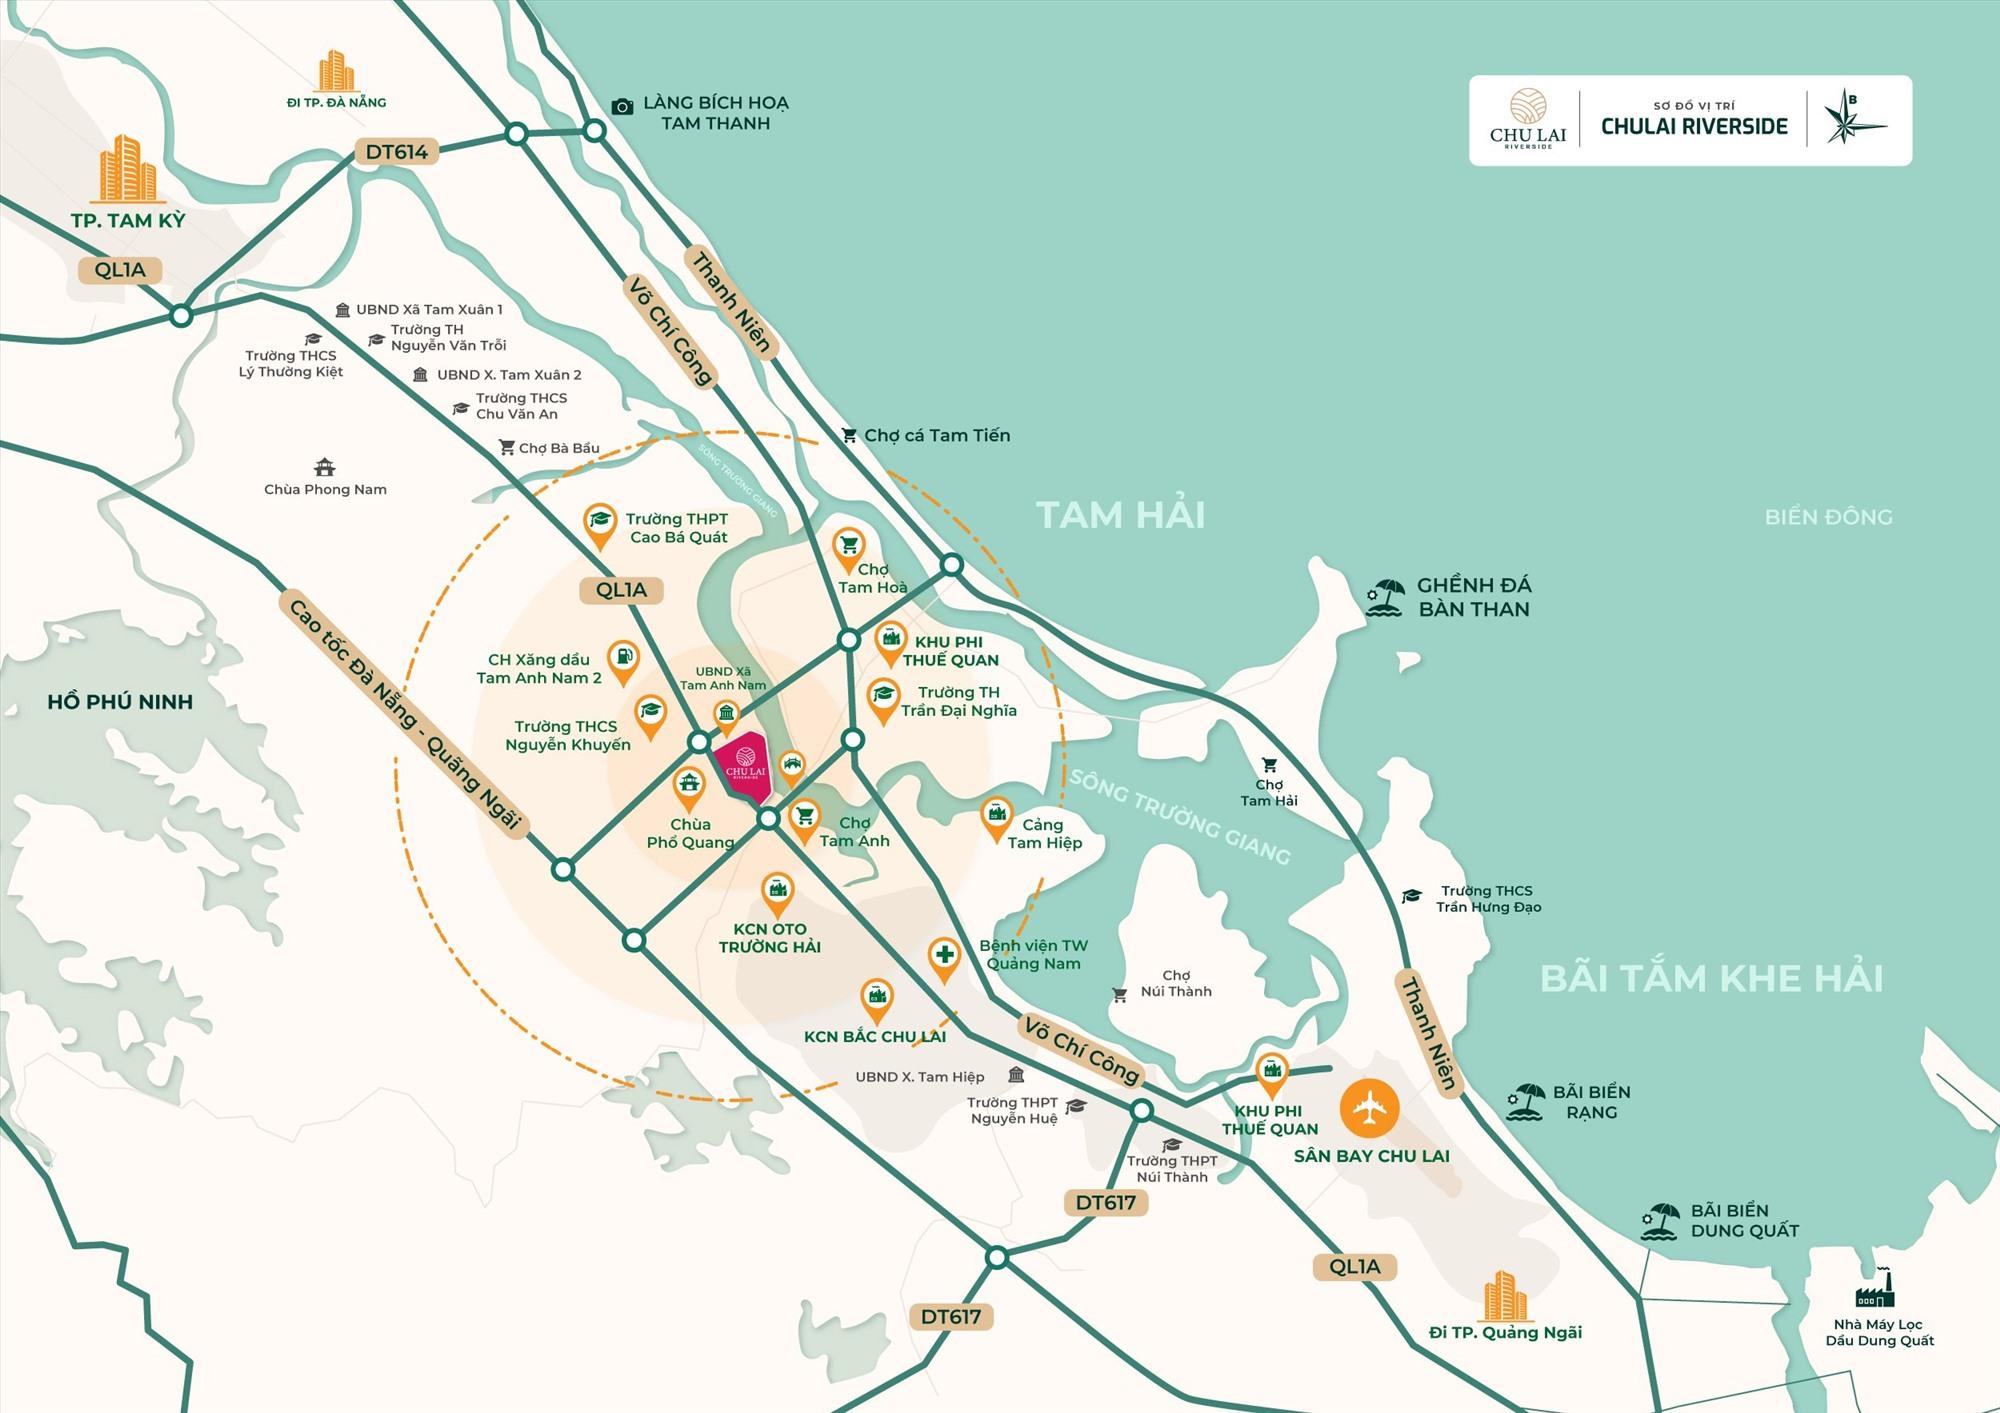 Chu Lai Riverside nằm ở tâm điểm Khu kinh tế mở Chu Lai, sân bay Chu Lai, sở hữu mặt tiền sông Trường Giang, kết nối trục đường Đà Nẵng – Hội An – Chu Lai